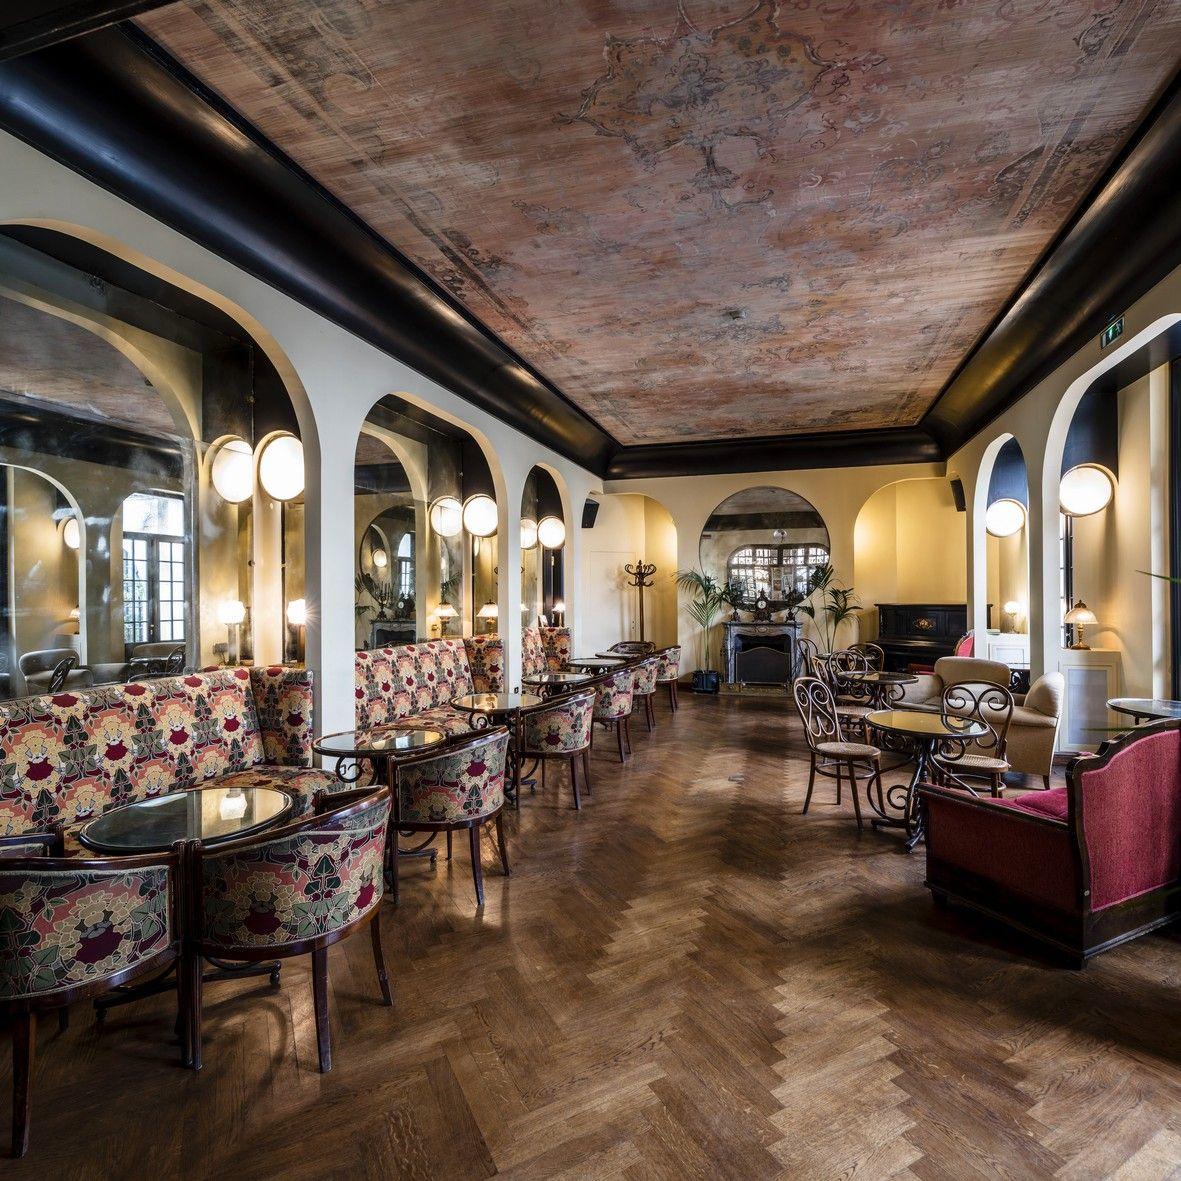 Ristrutturazione Hotel Locarno - image 2